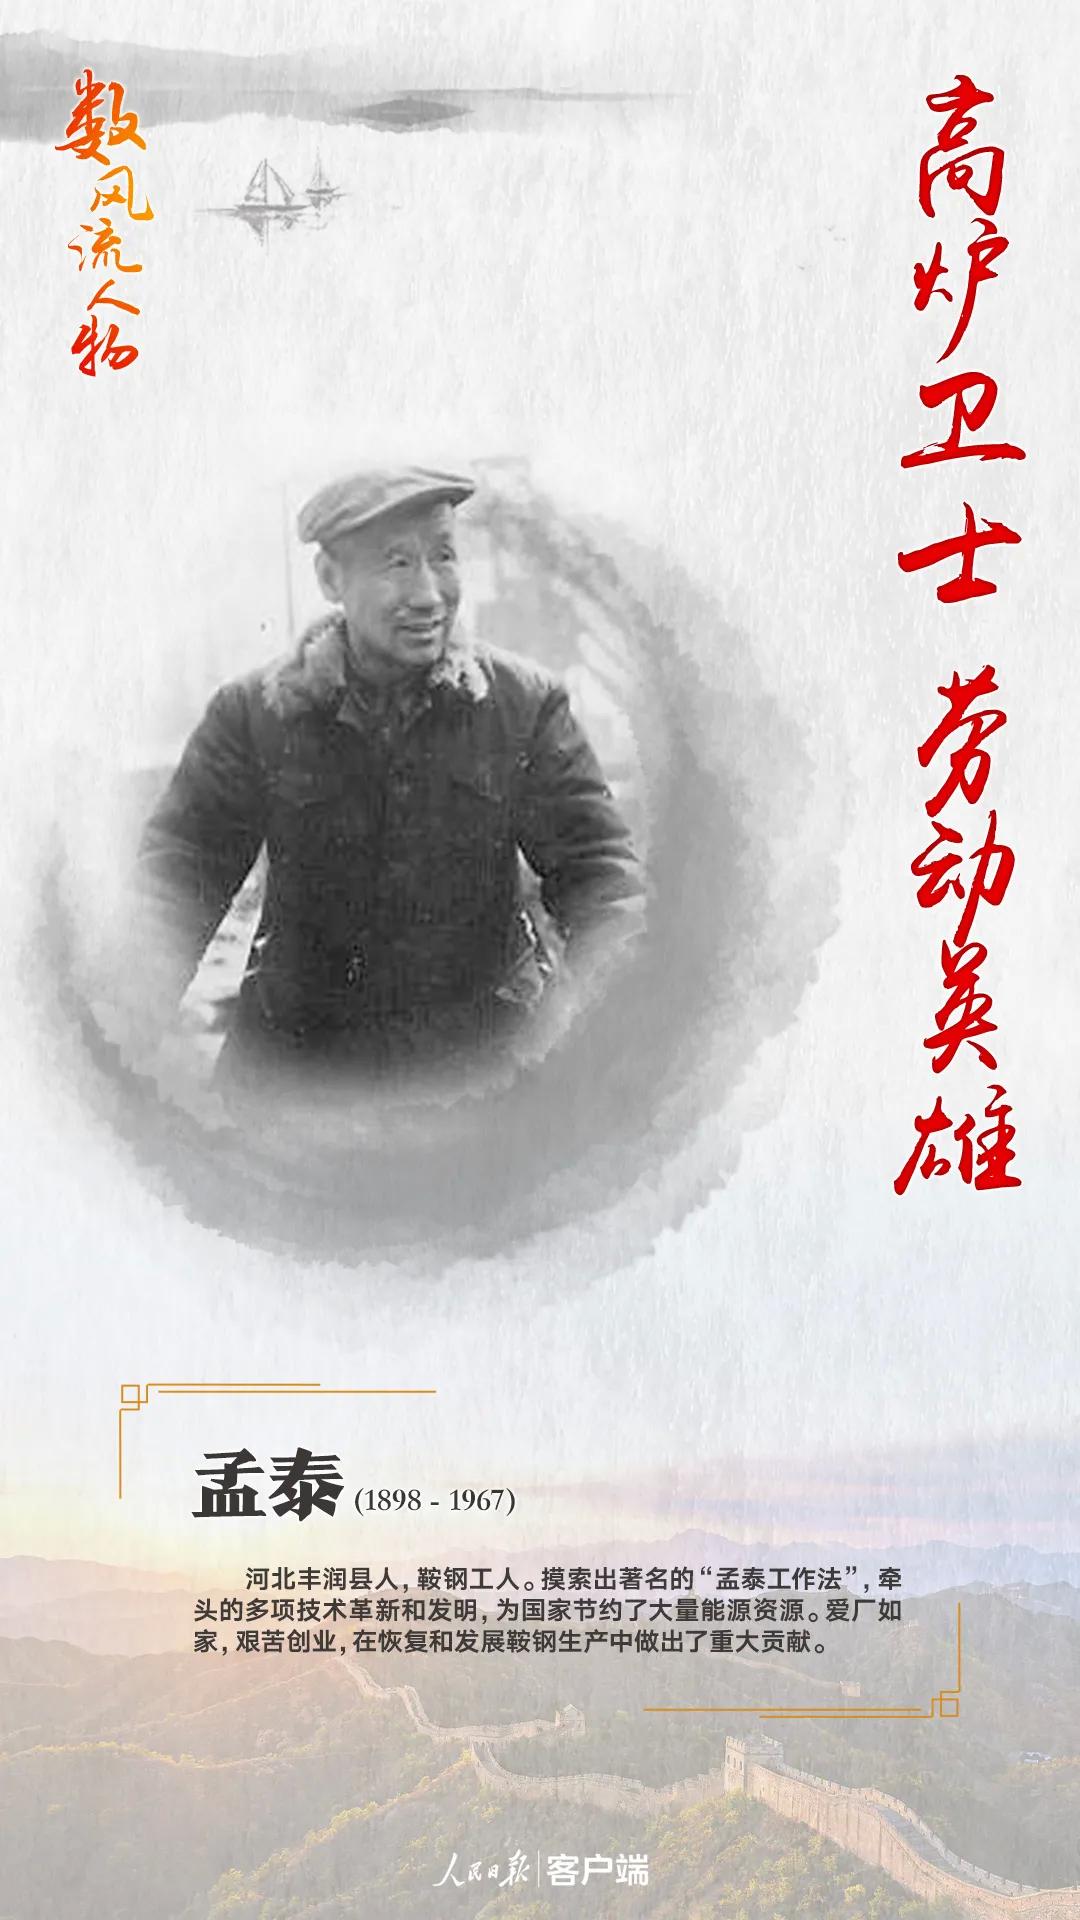 【奋斗百年路 启航新征程】· 数风流人物 |孟泰:高炉卫士 劳动英雄